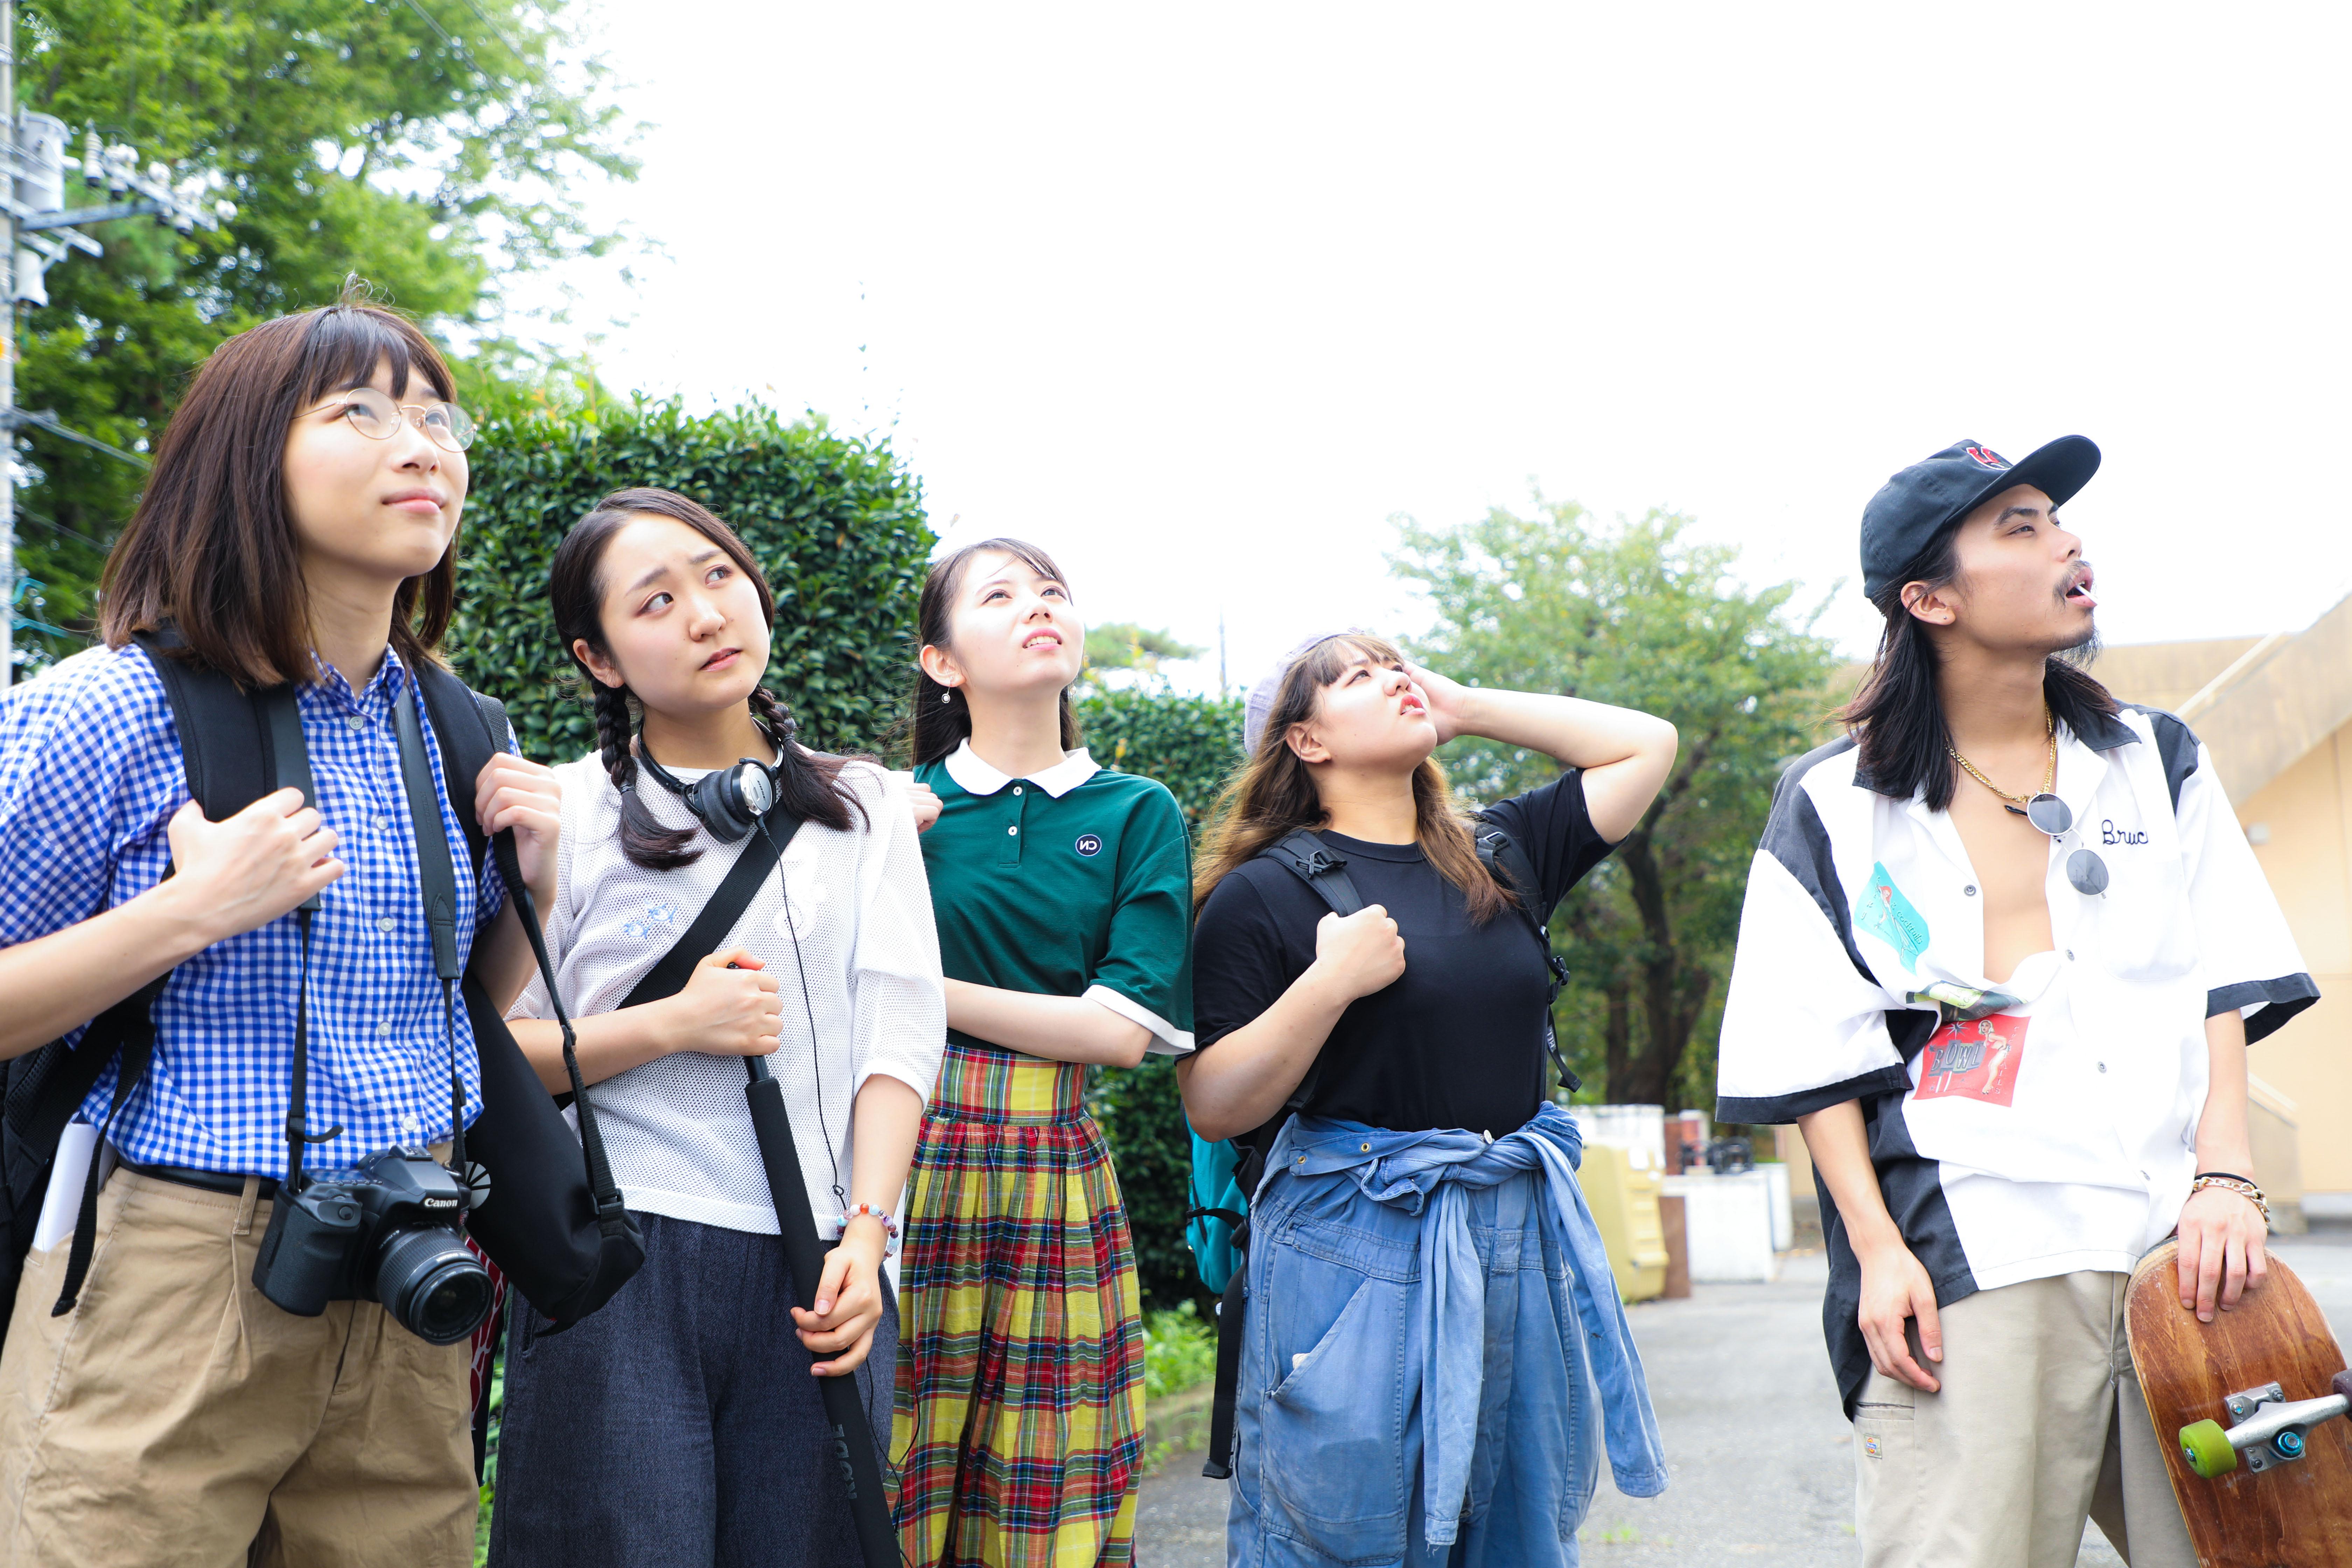 【ONEPIXCEL】田辺奈菜美ちゃん本スレPart254【ワンピクセル】 YouTube動画>13本 ->画像>222枚